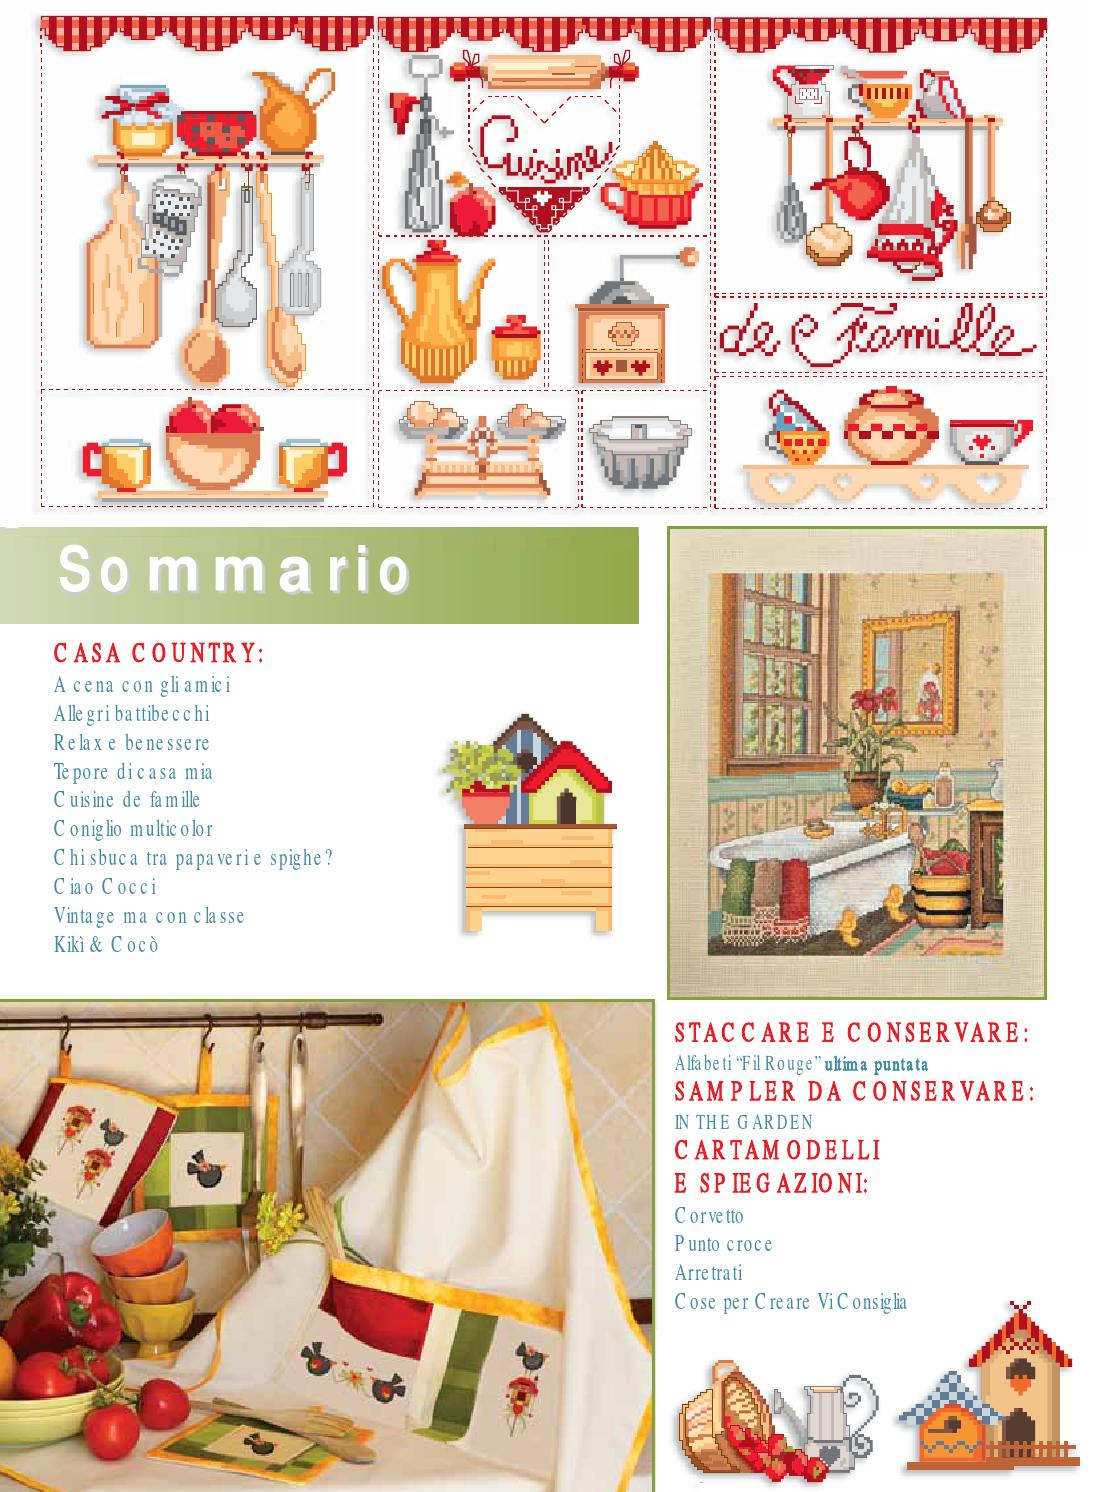 Cose belle e cose per creare gennaio 2014 by cosebelleweb issuu - Cose belle per la casa ...